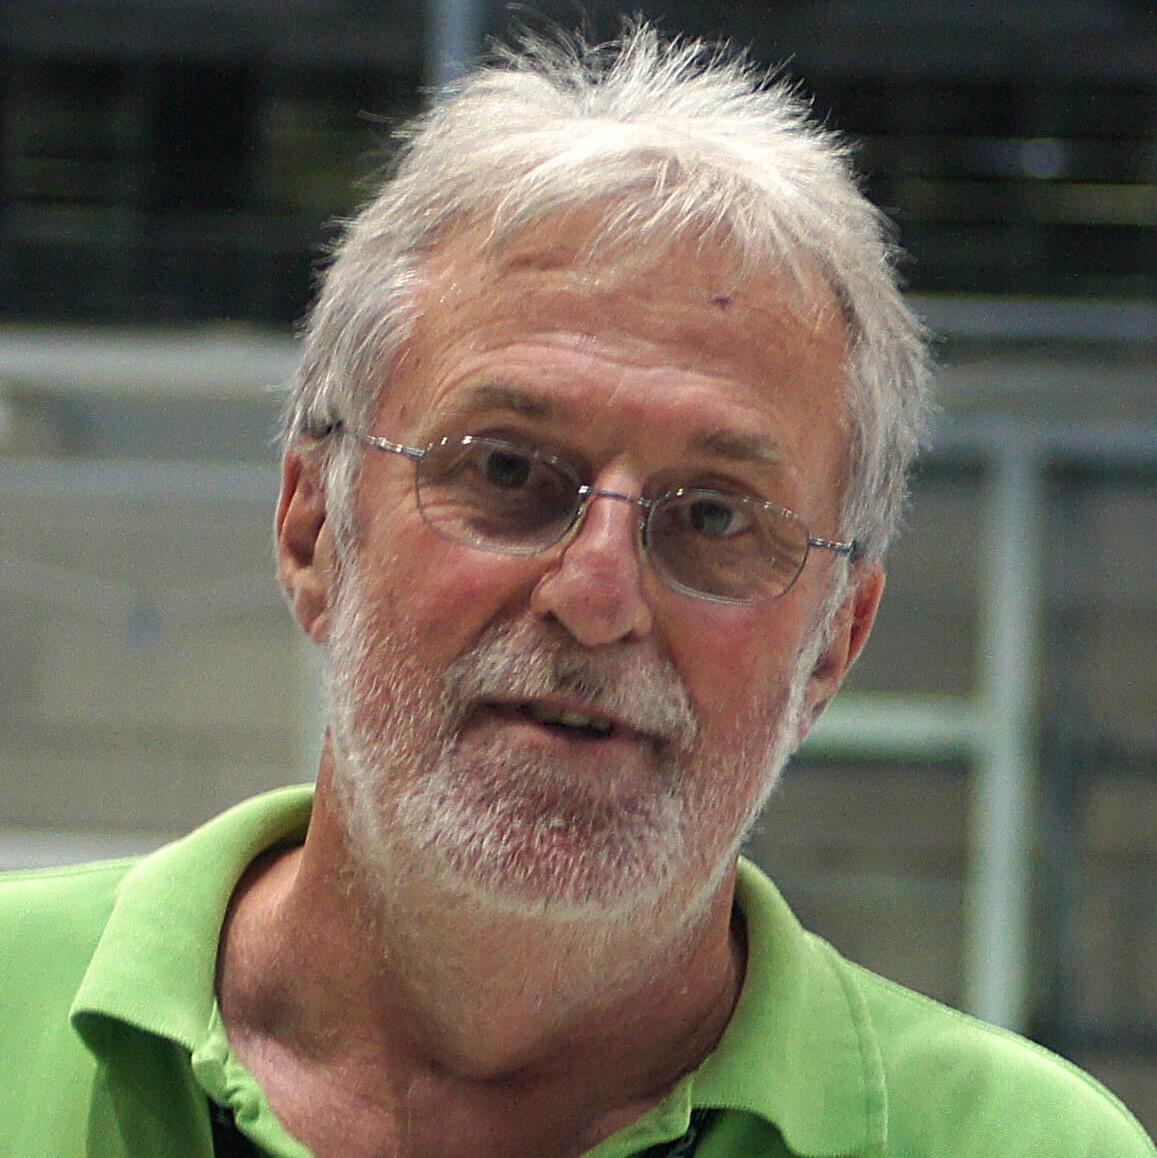 Heute wird Wolfgang Schüddemage 75 Jahre jung